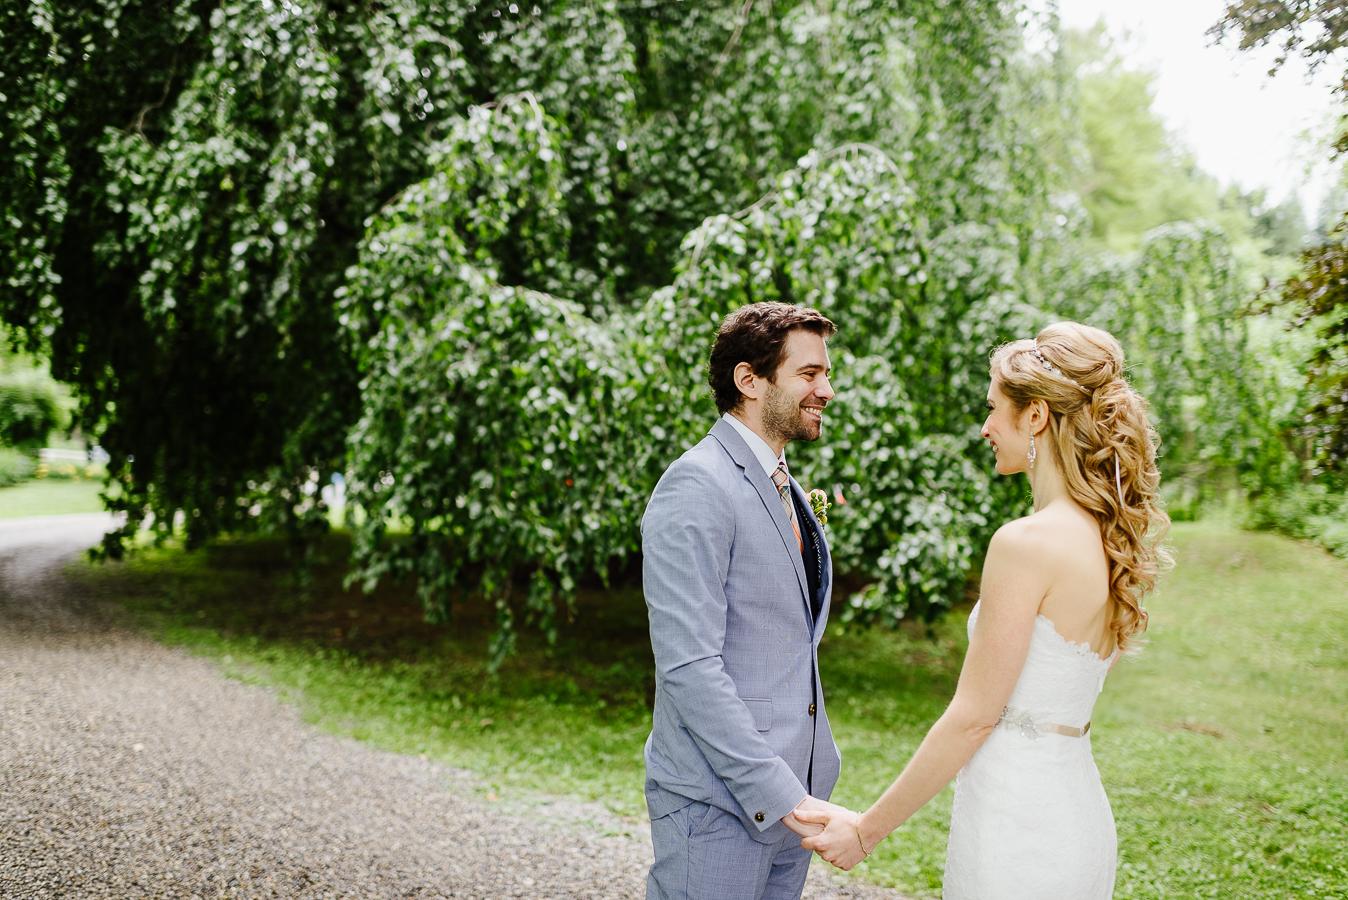 Stylish Crossed Keys Inn Wedding Crossed Keys Wedding Crossed Keys Inn Andover NJ Longbrook Photography-15.jpg